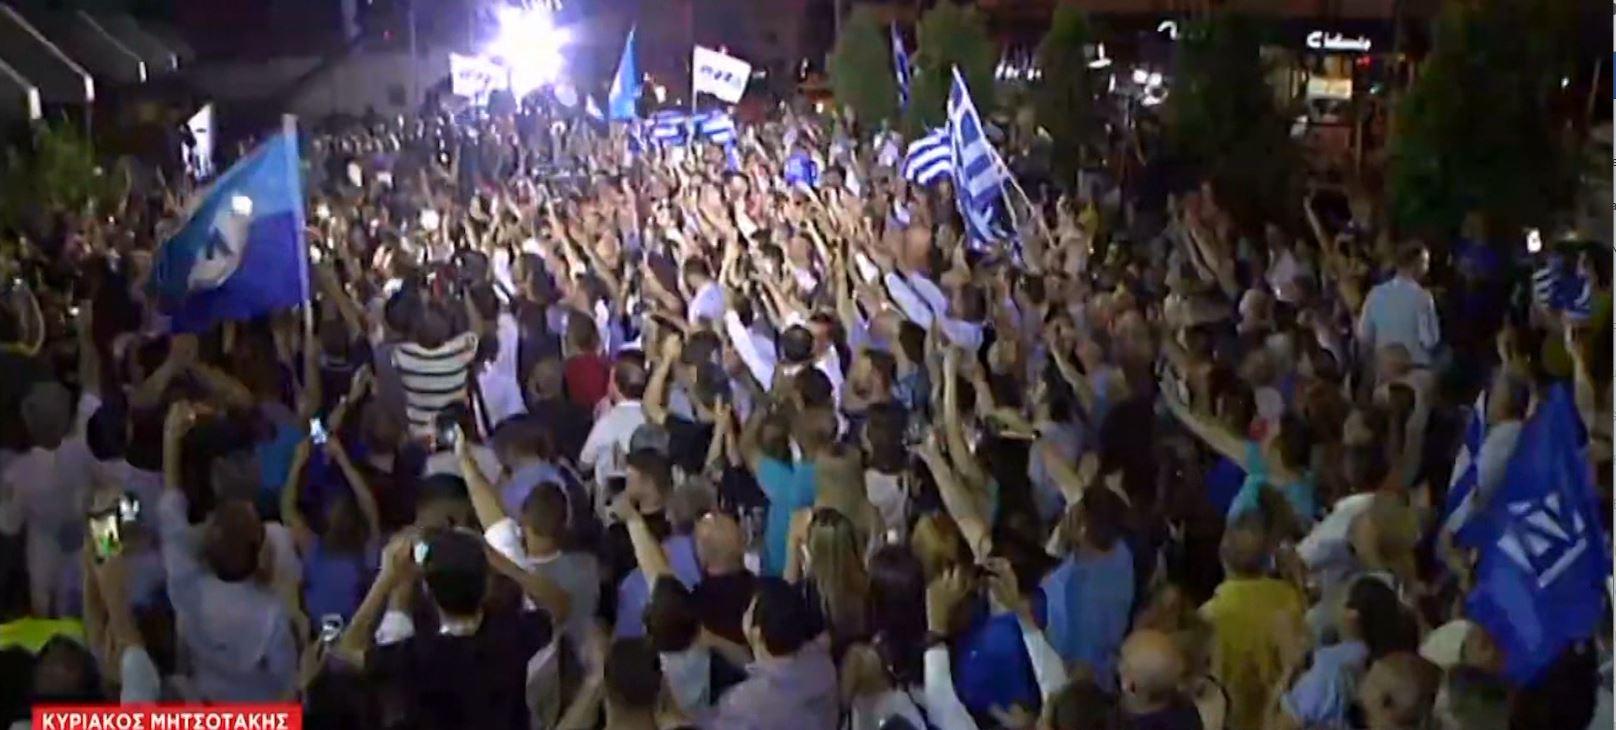 Rrëzohet Tsipras në Greqi, Demokracia e re fiton maxhorancë absolute